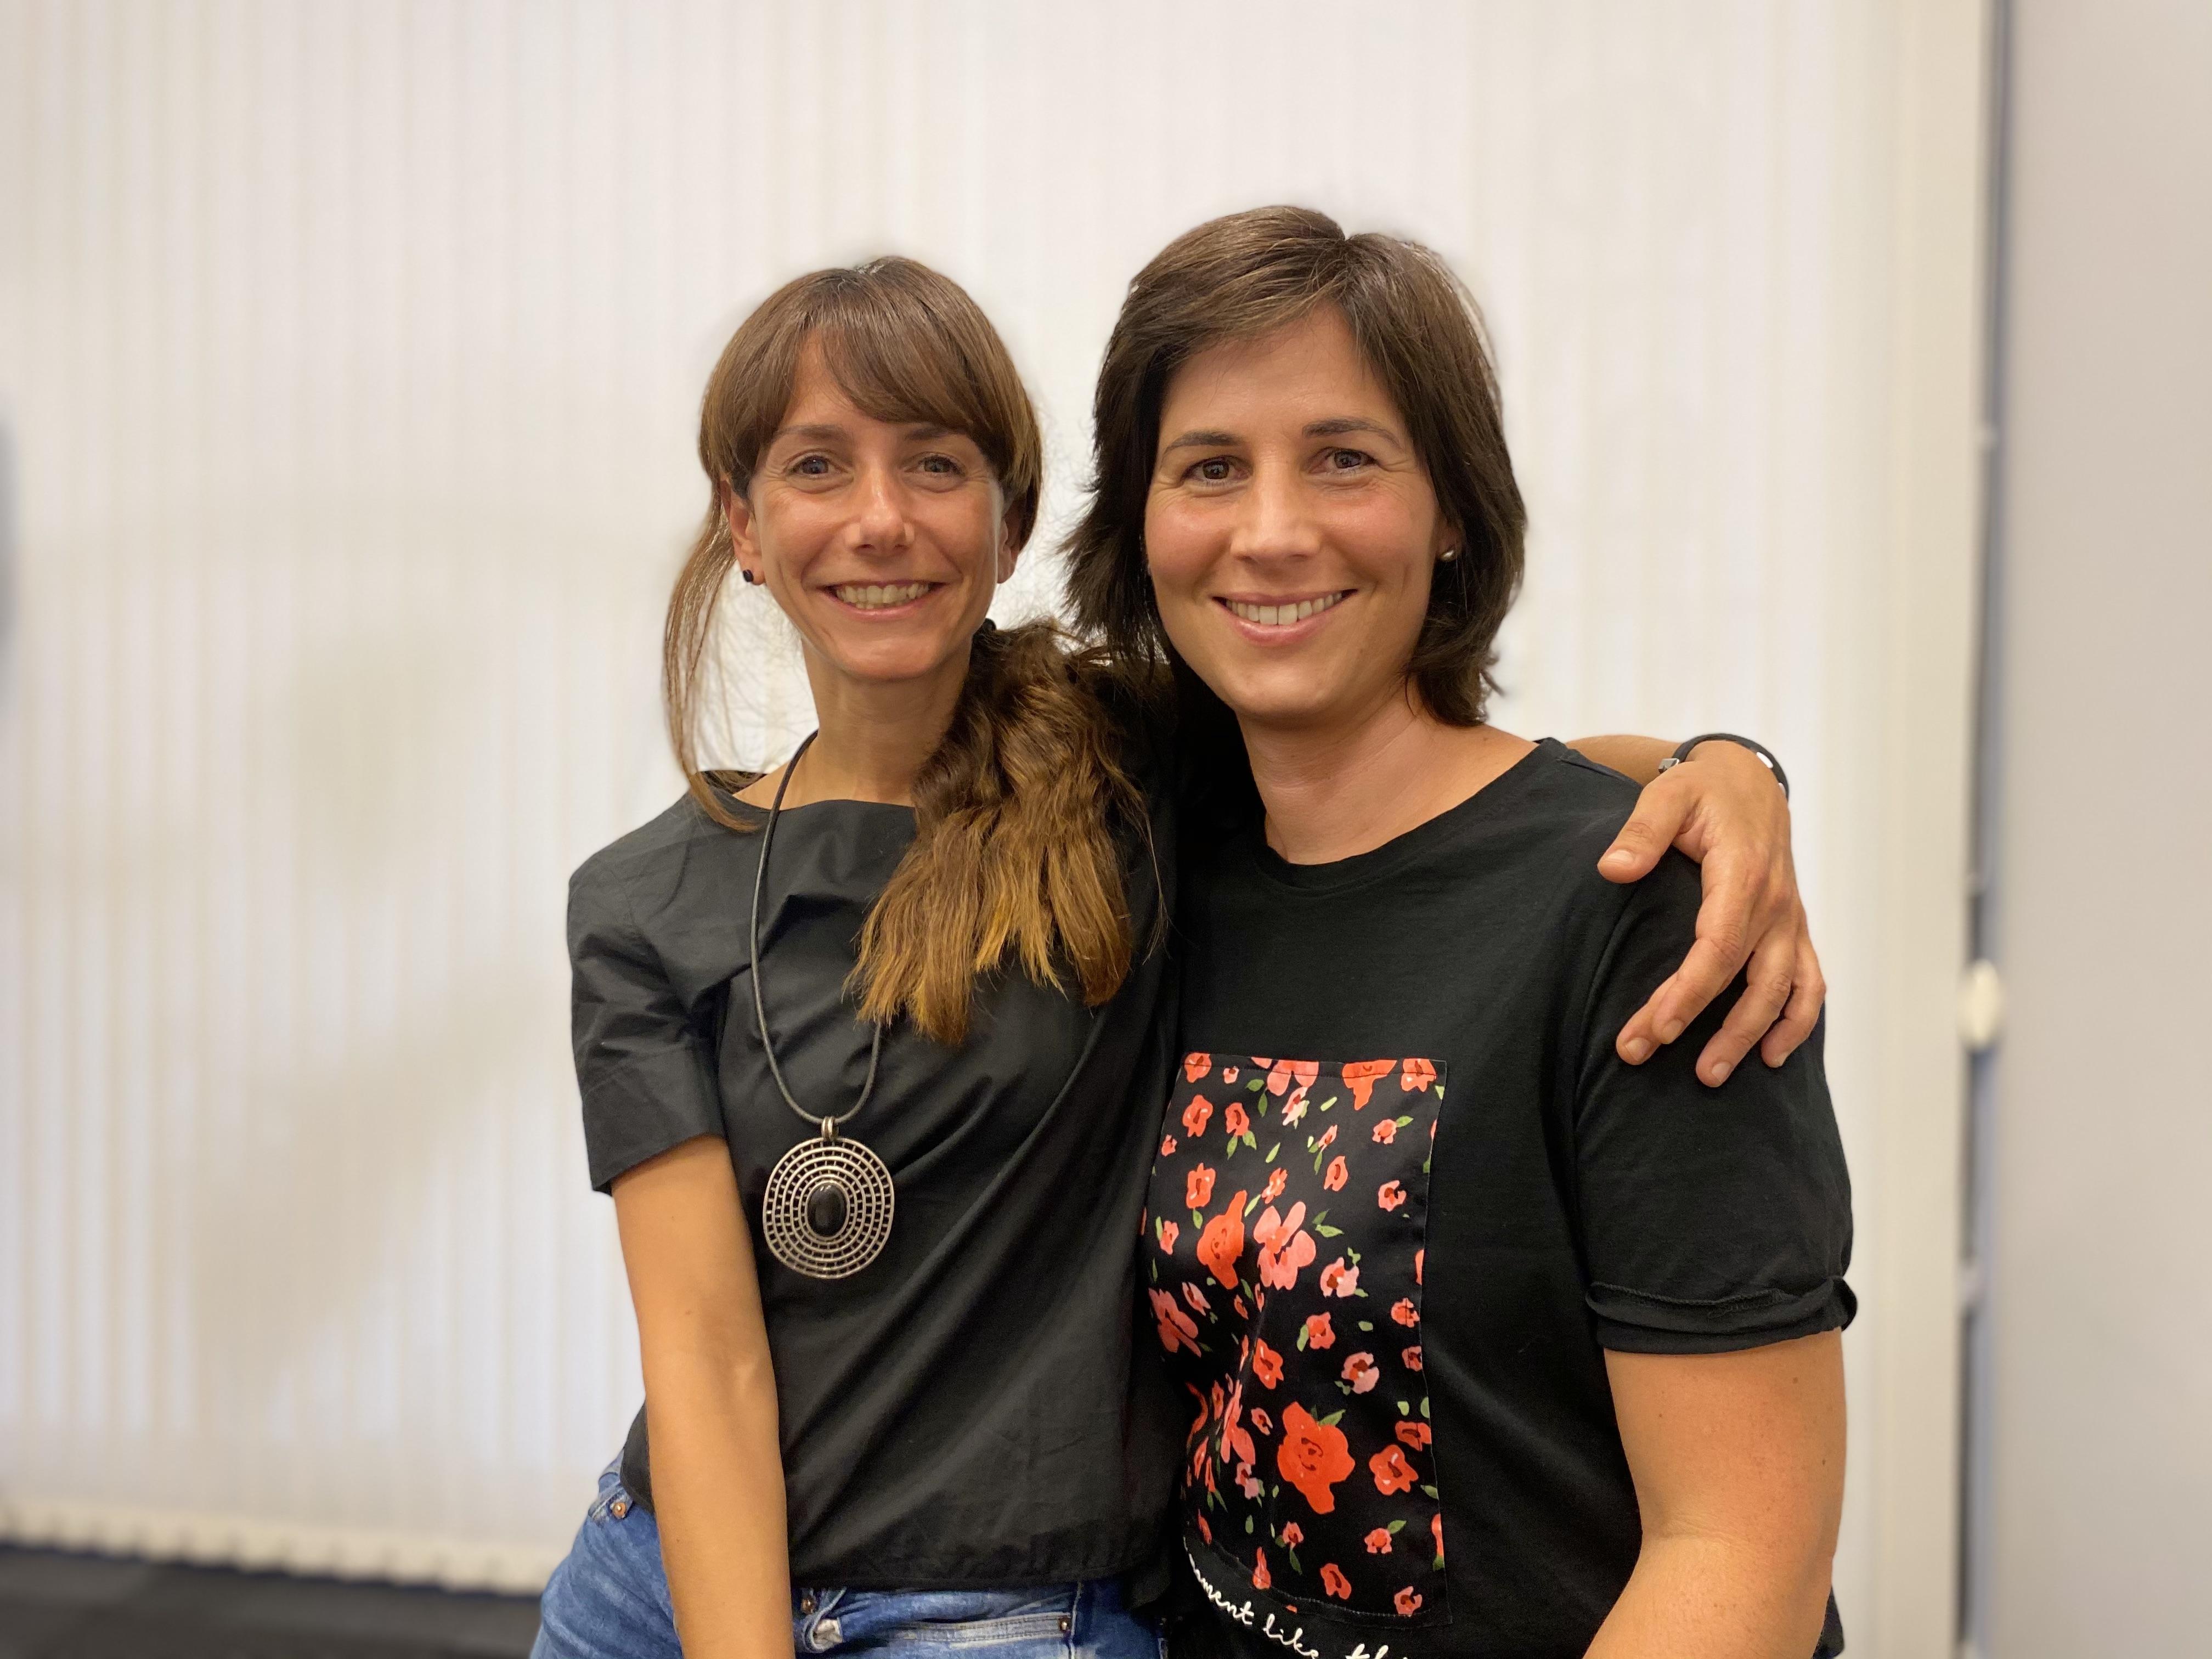 Maite Goicoechea y María Jiménez